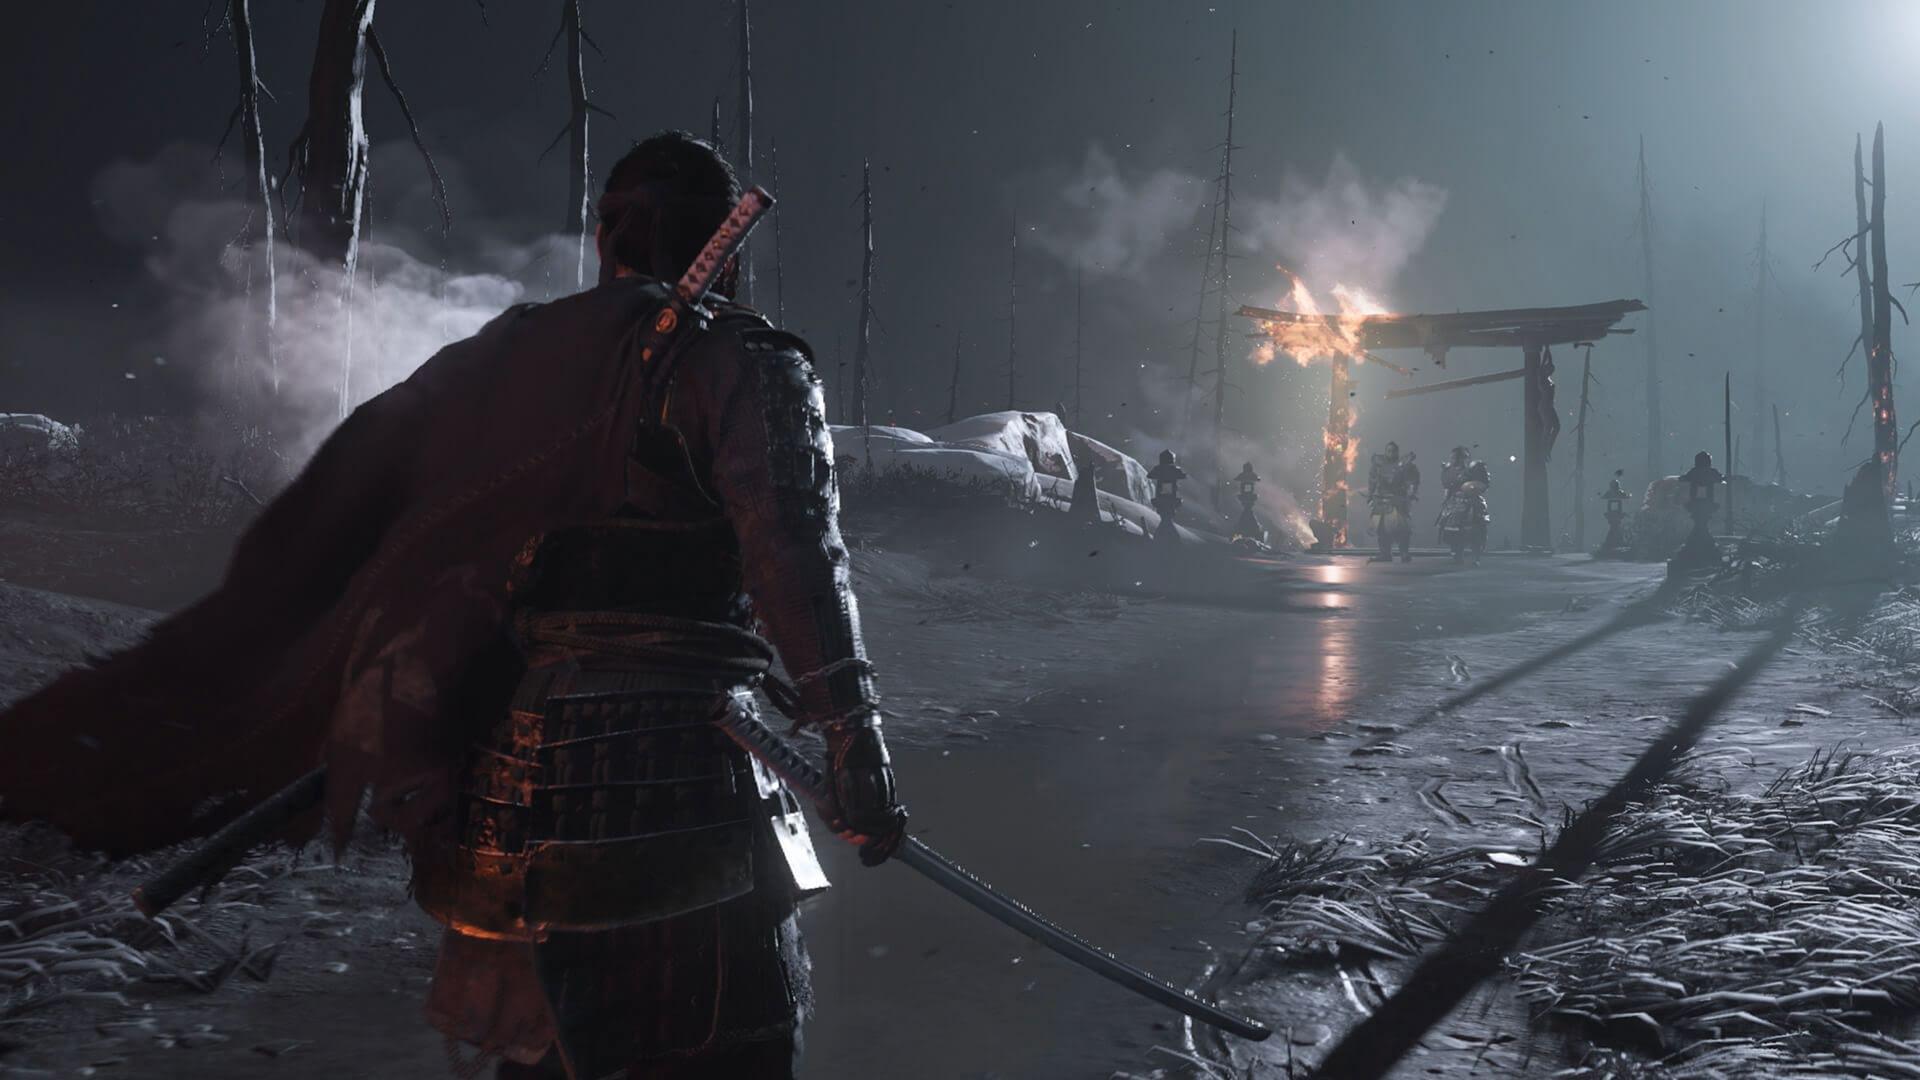 Путь Призрака в Ghost of Tsushima: Как стать настоящим Призраком?